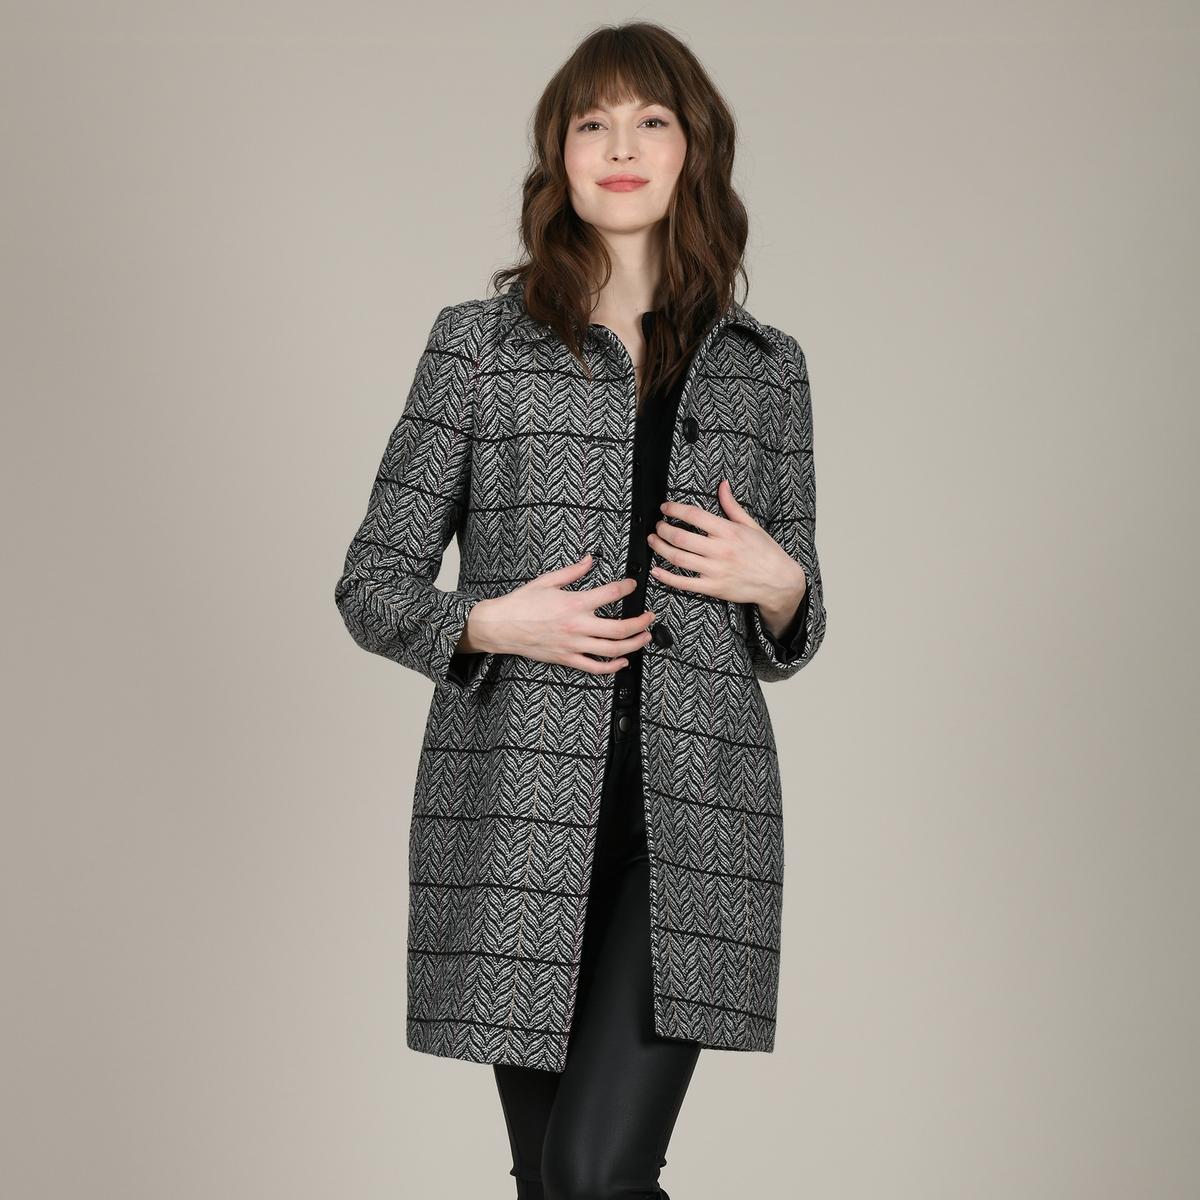 все цены на Пальто La Redoute Прямое средней длины с рисунком и застежкой на пуговицы L черный онлайн